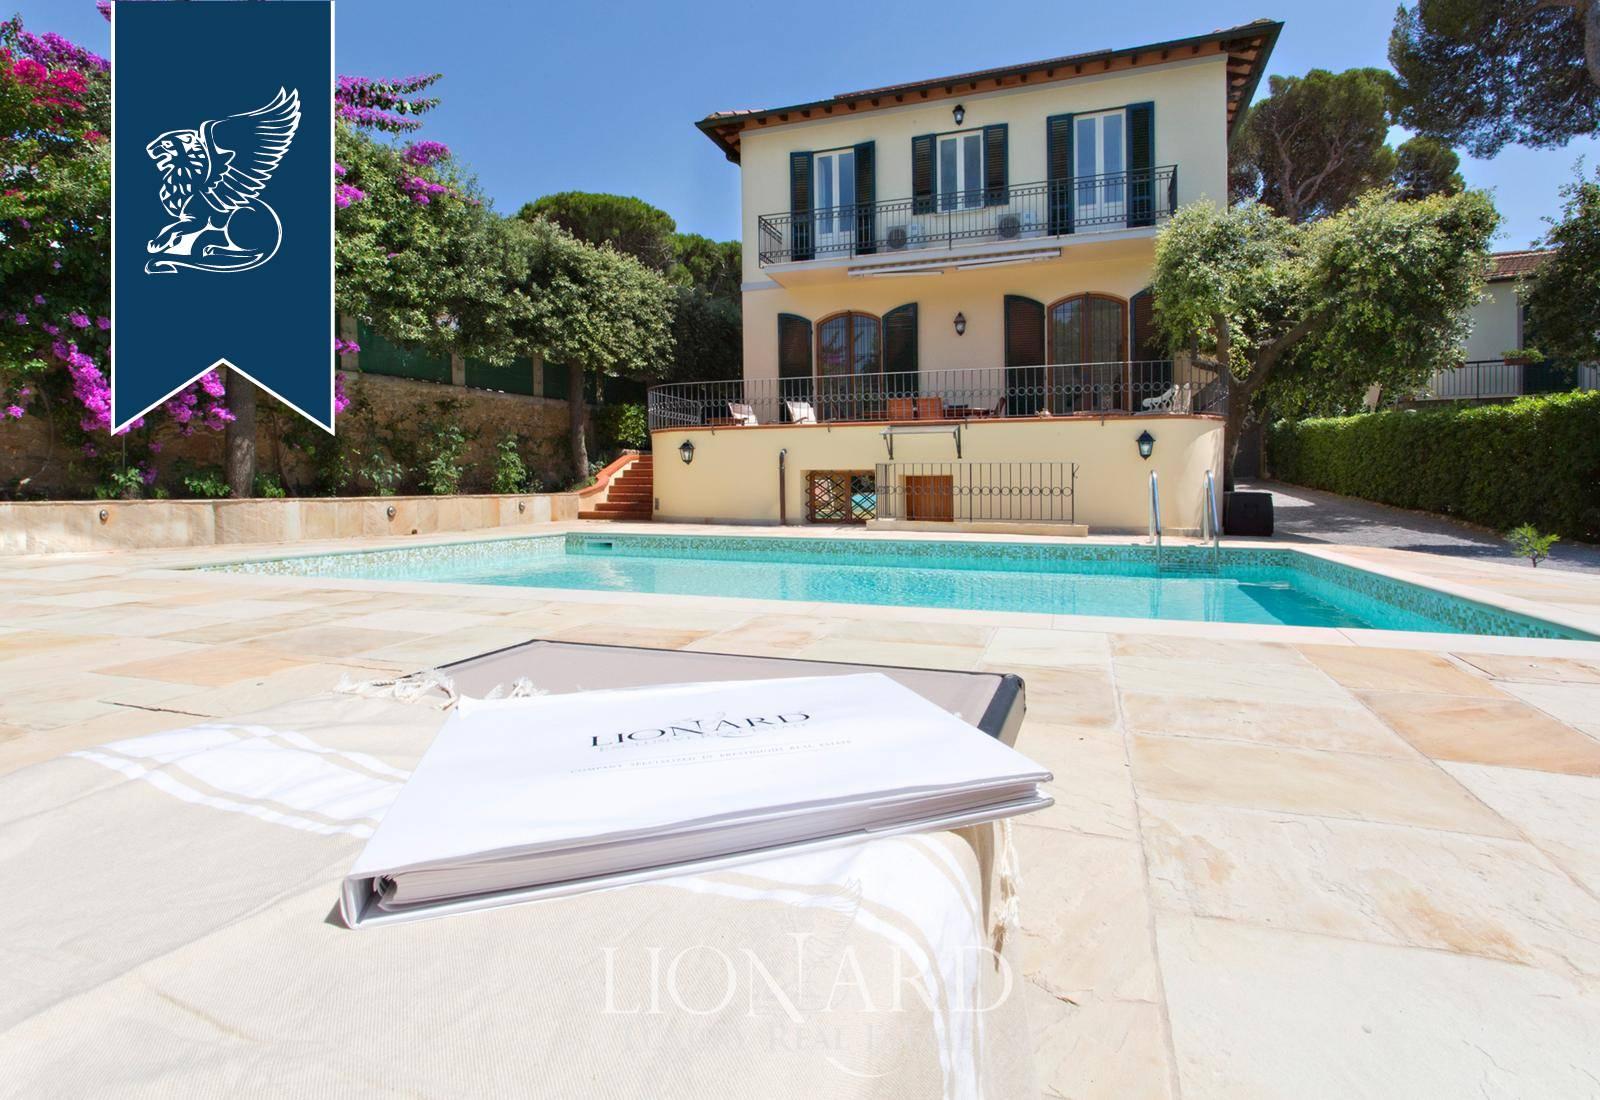 Villa in Vendita a Rosignano Marittimo: 0 locali, 340 mq - Foto 4